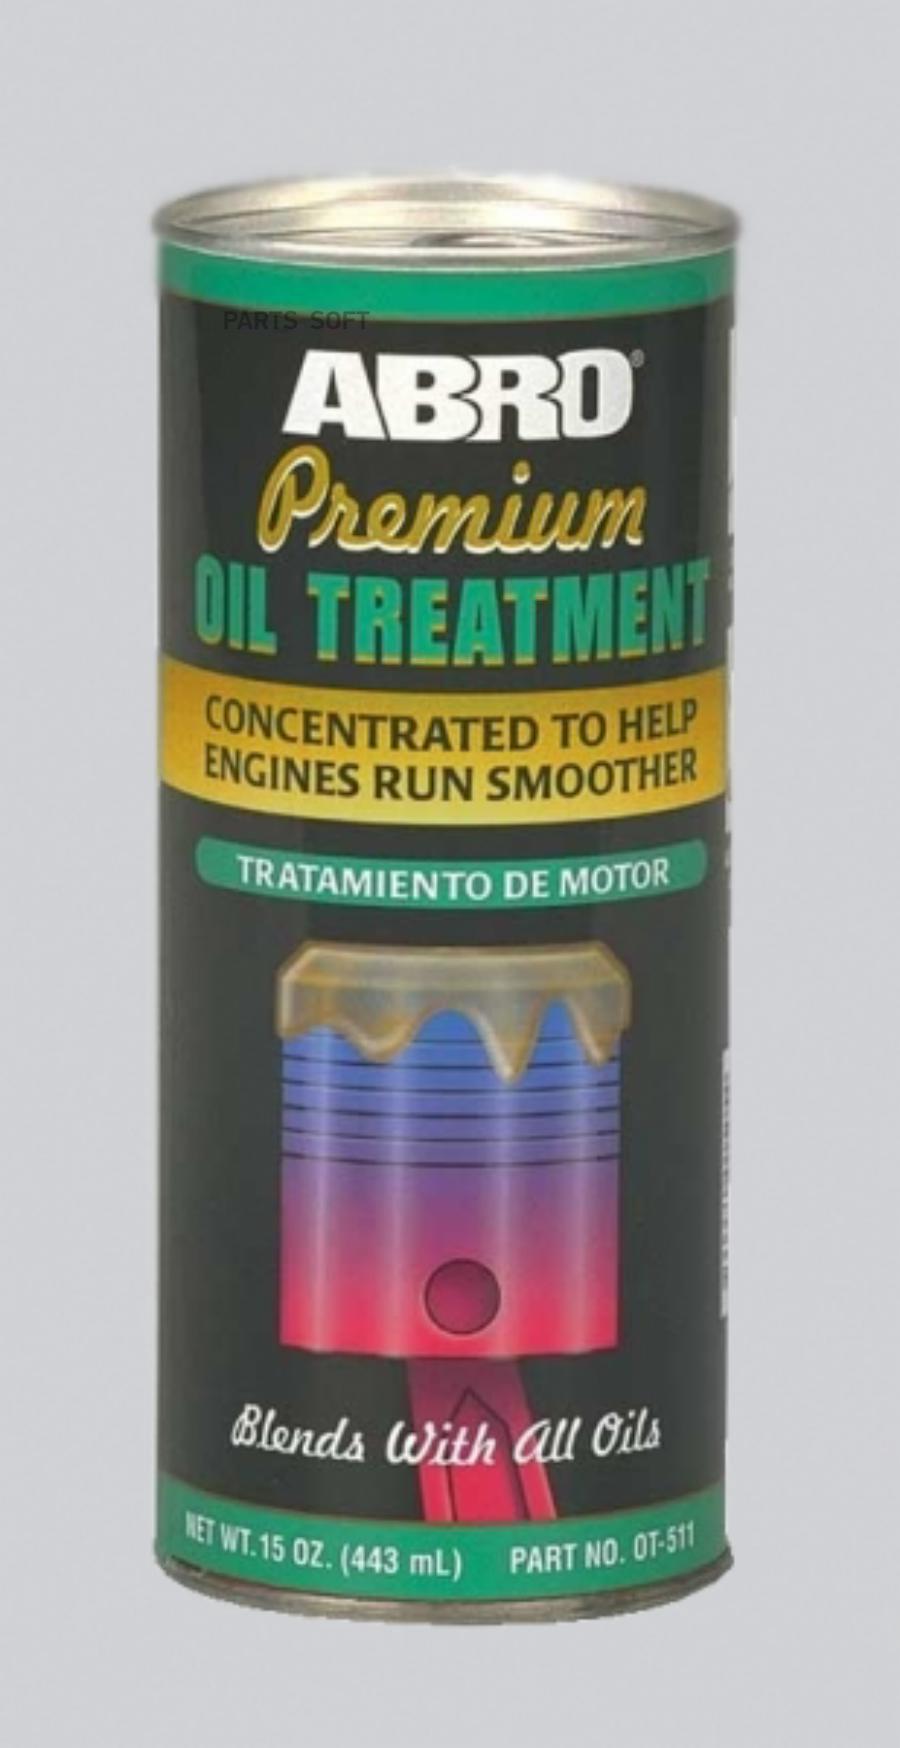 Жидкость присадка в масло premium 443 мл